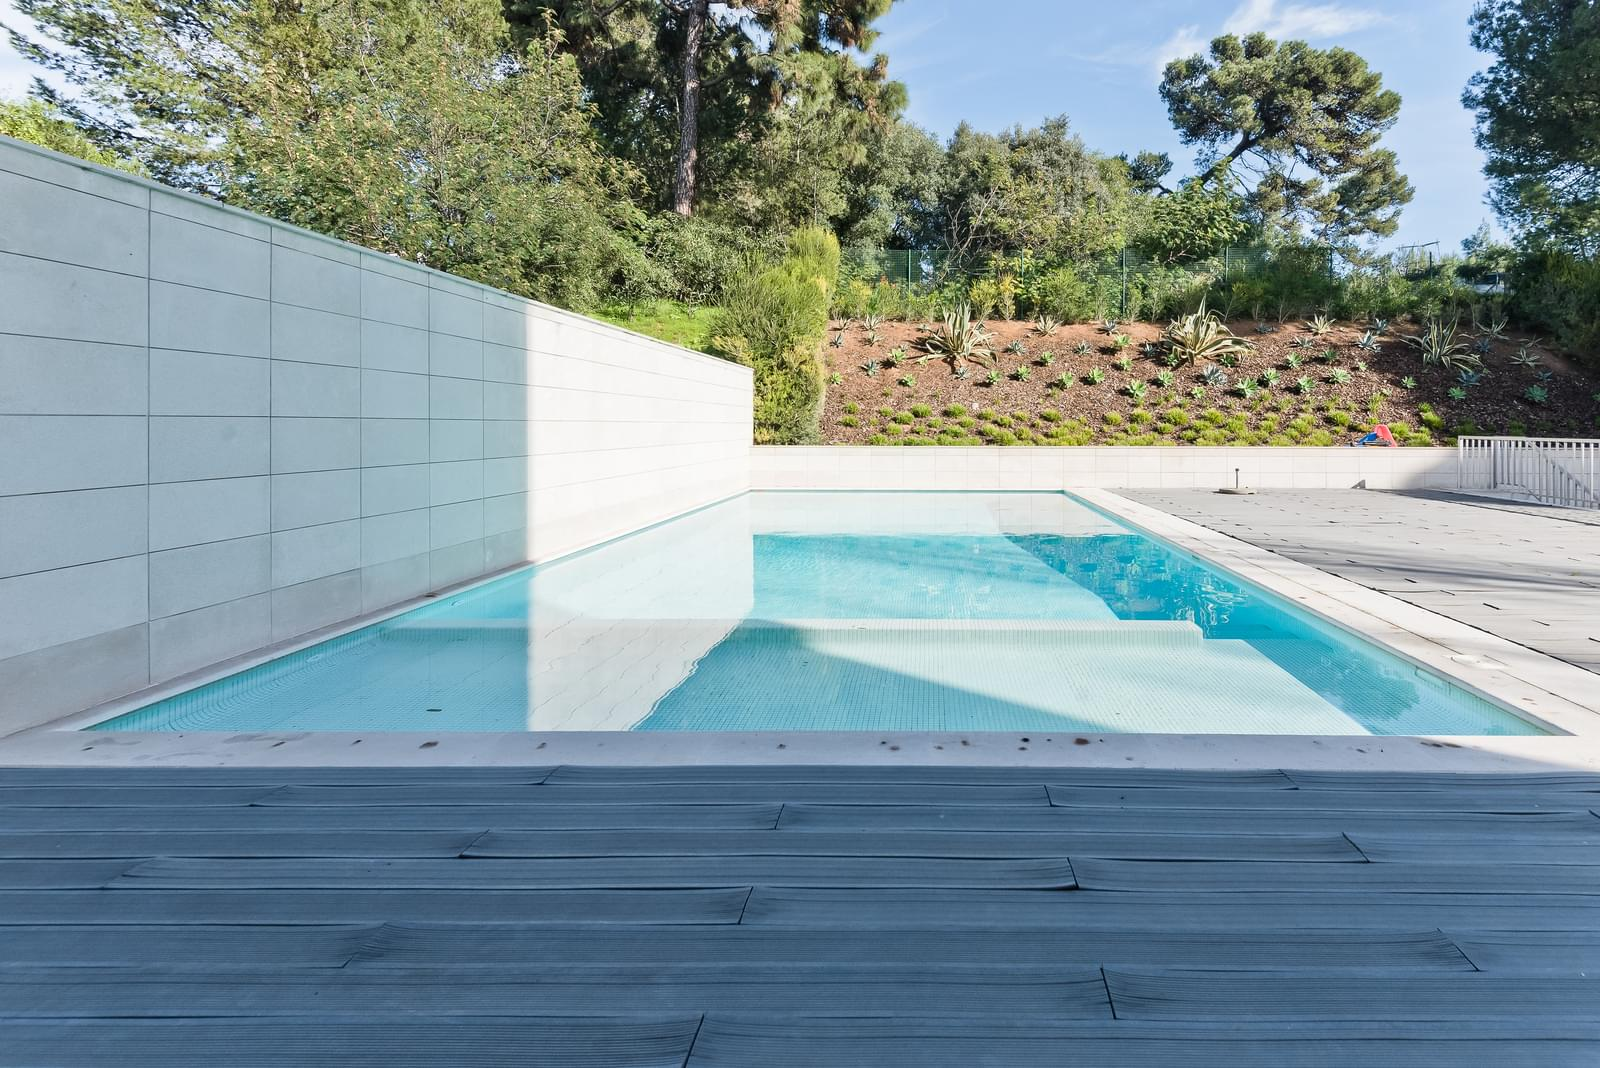 Apartamento T4 com piscina em condomínio fechado